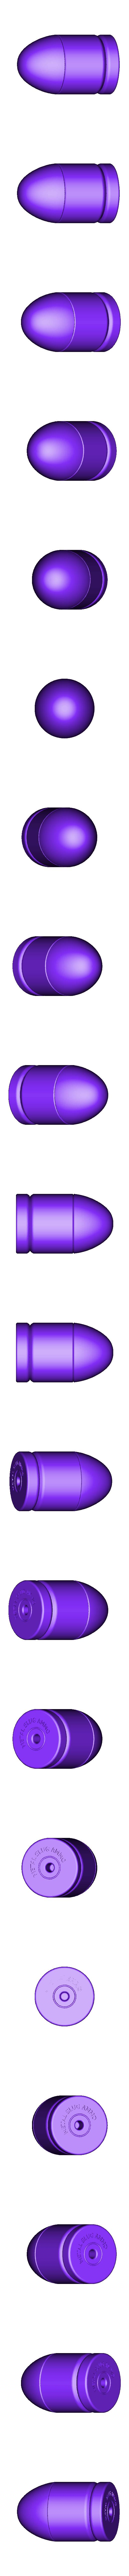 Large_Ammo.stl Télécharger fichier 3MF gratuit LIMACE MÉTALLIQUE - NOP-03 SARUBIE • Plan imprimable en 3D, FreeBug